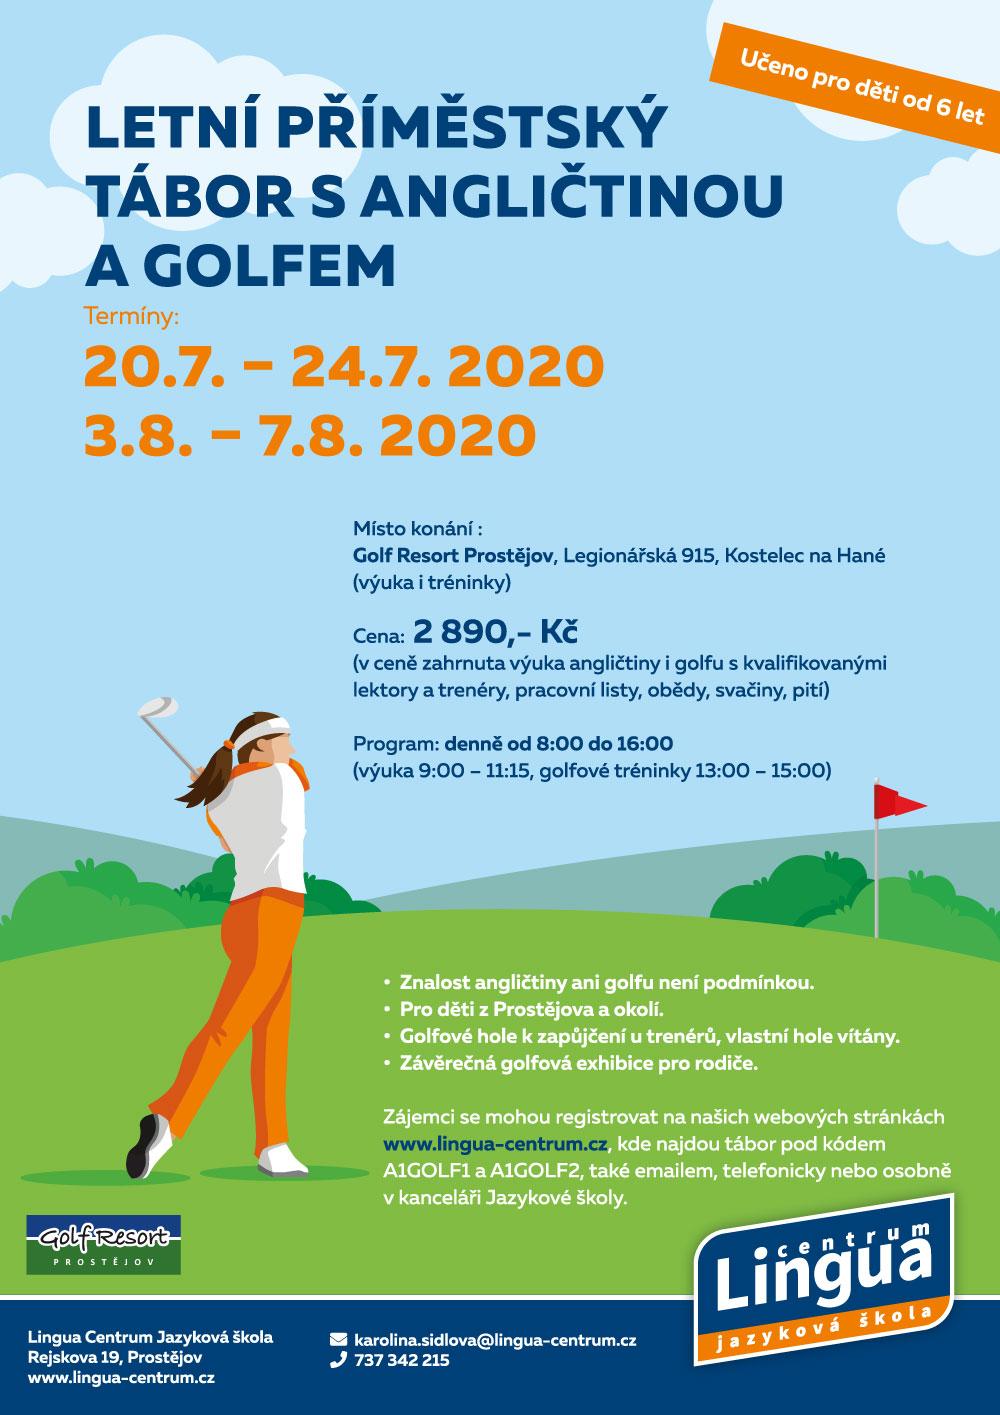 Letní příměstský tábor s angličtinou a golfem 2020